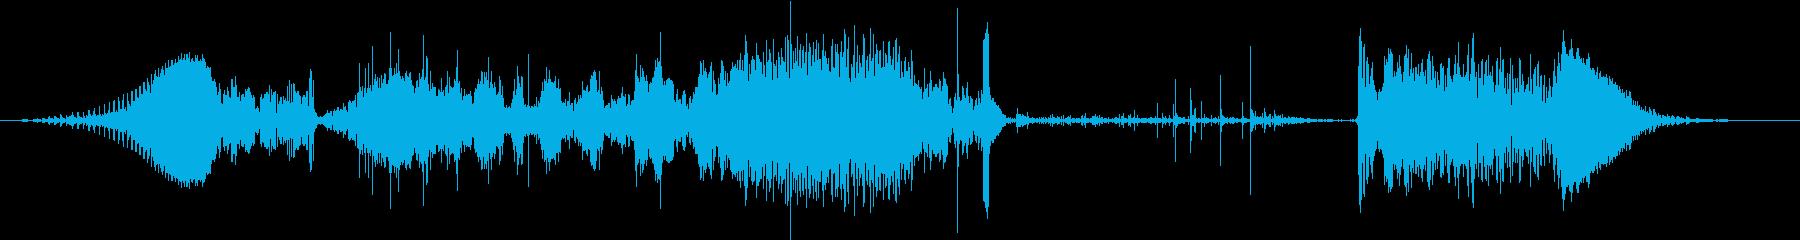 フィクション 電力装置 崩壊06の再生済みの波形